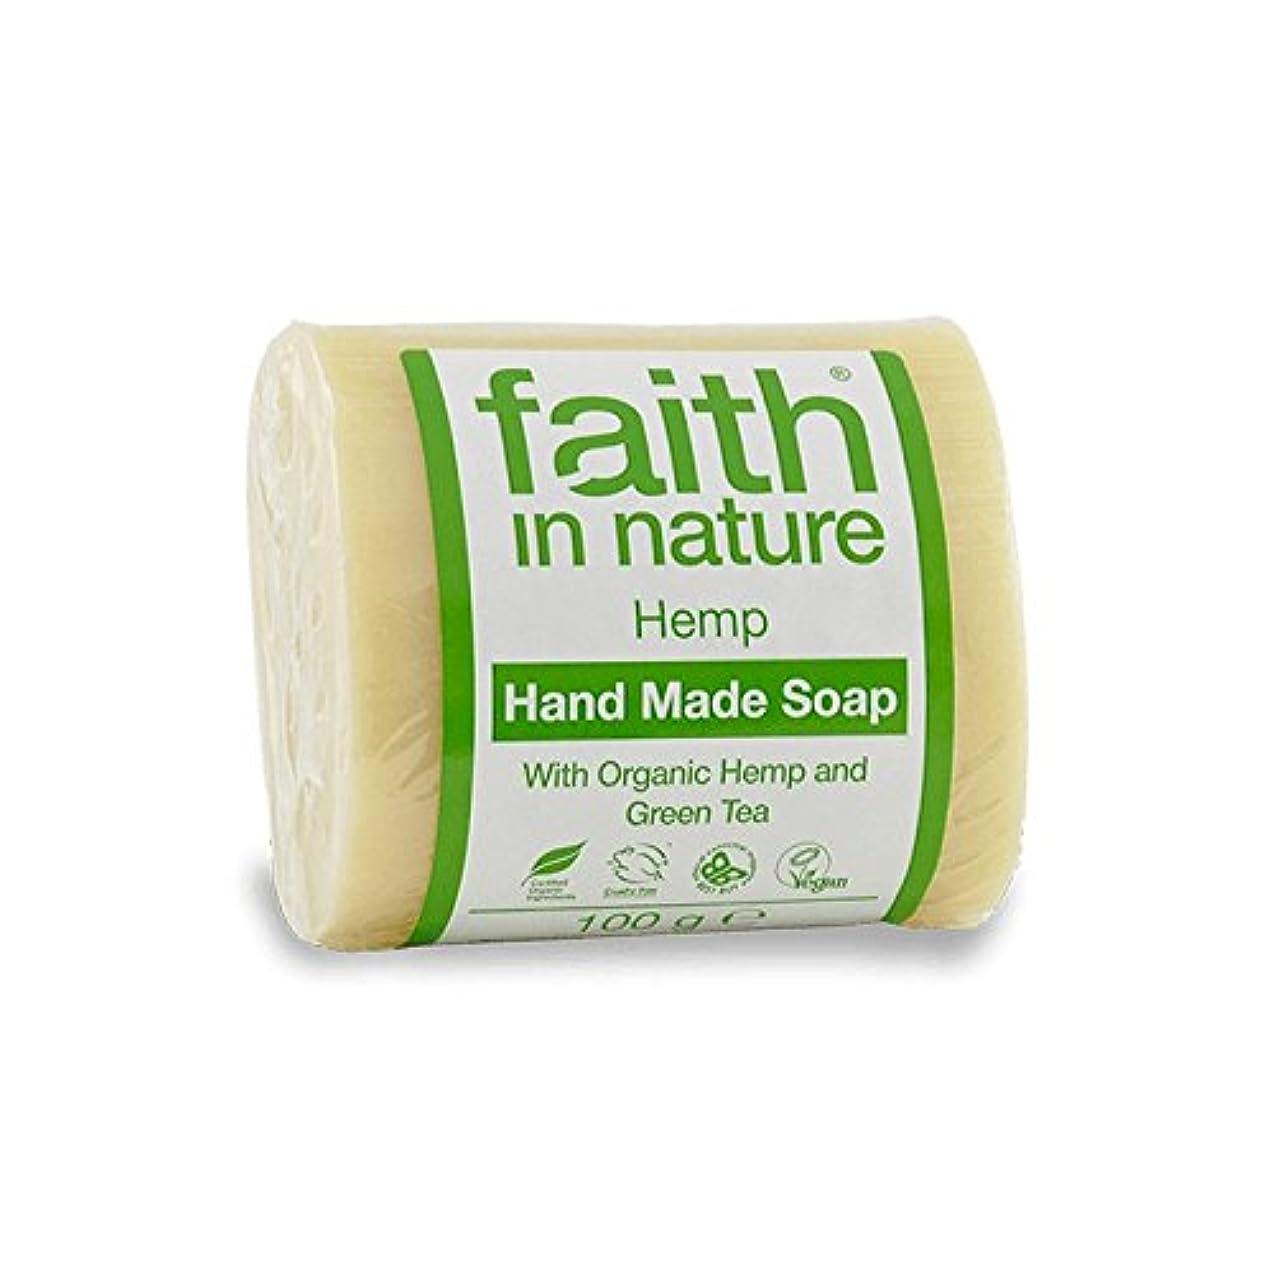 脅迫具体的に銀行緑茶石鹸100グラムと自然の麻の信仰 - Faith in Nature Hemp with Green Tea Soap 100g (Faith in Nature) [並行輸入品]